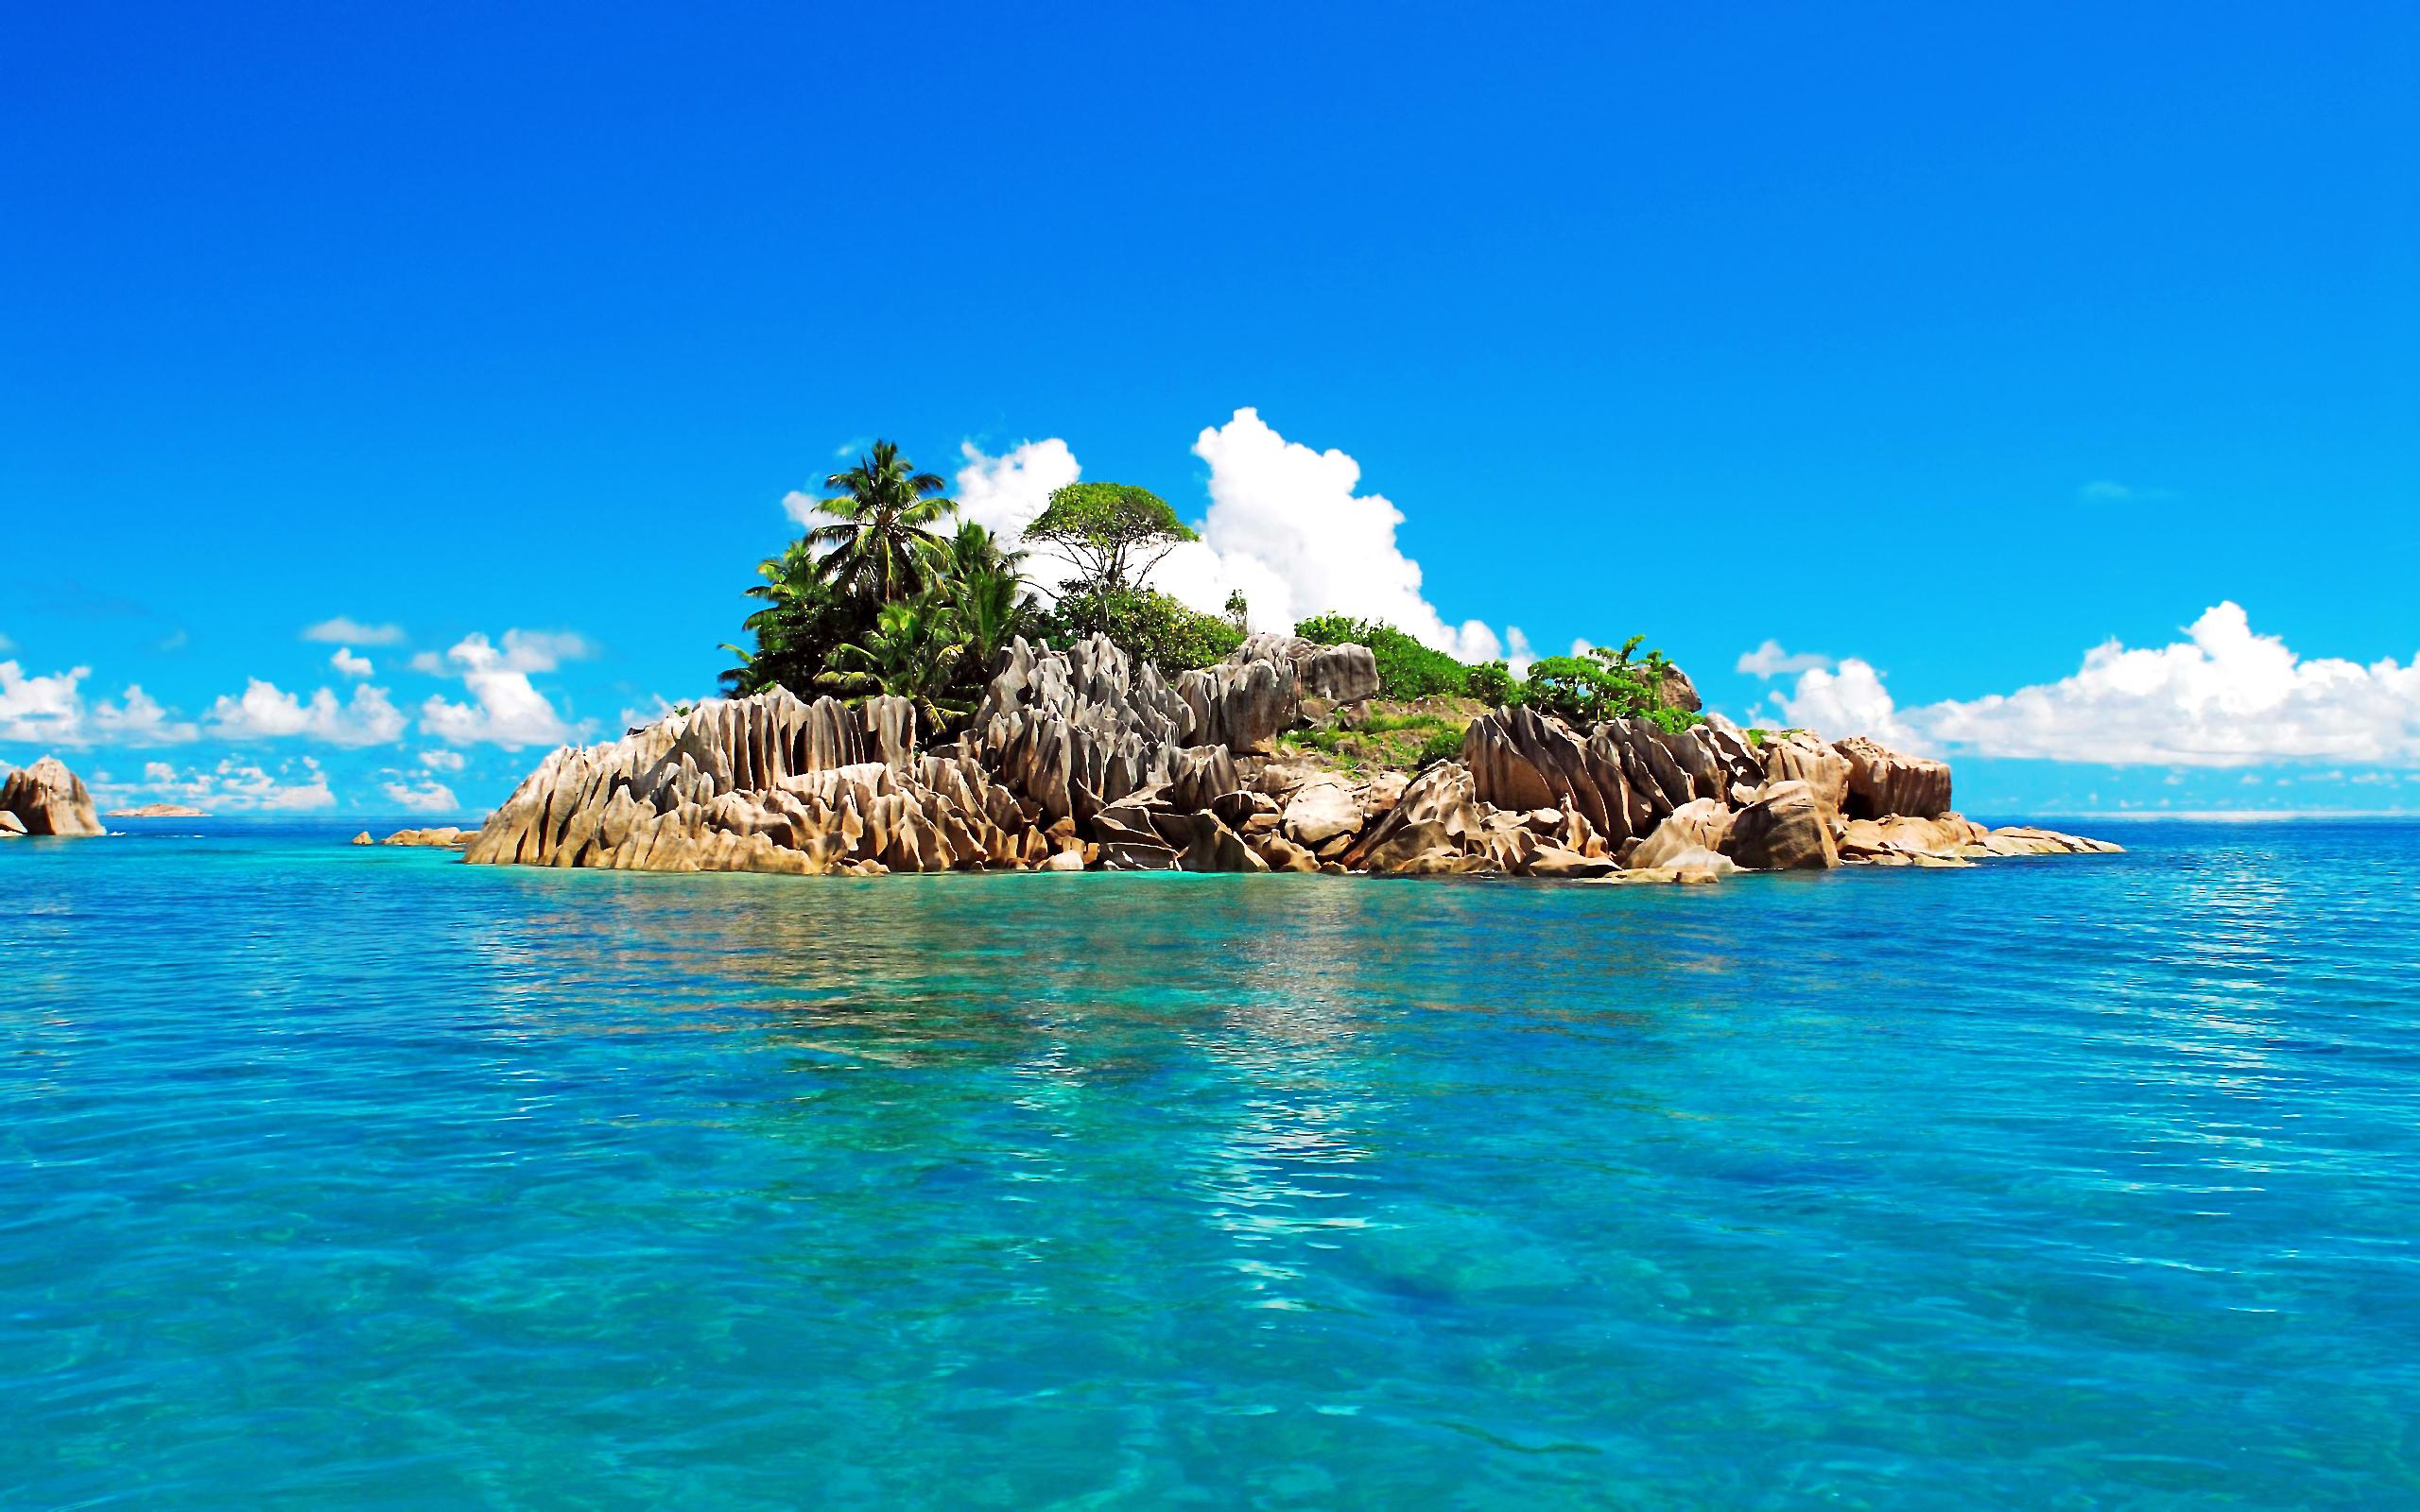 Остров в океане картинки это еще